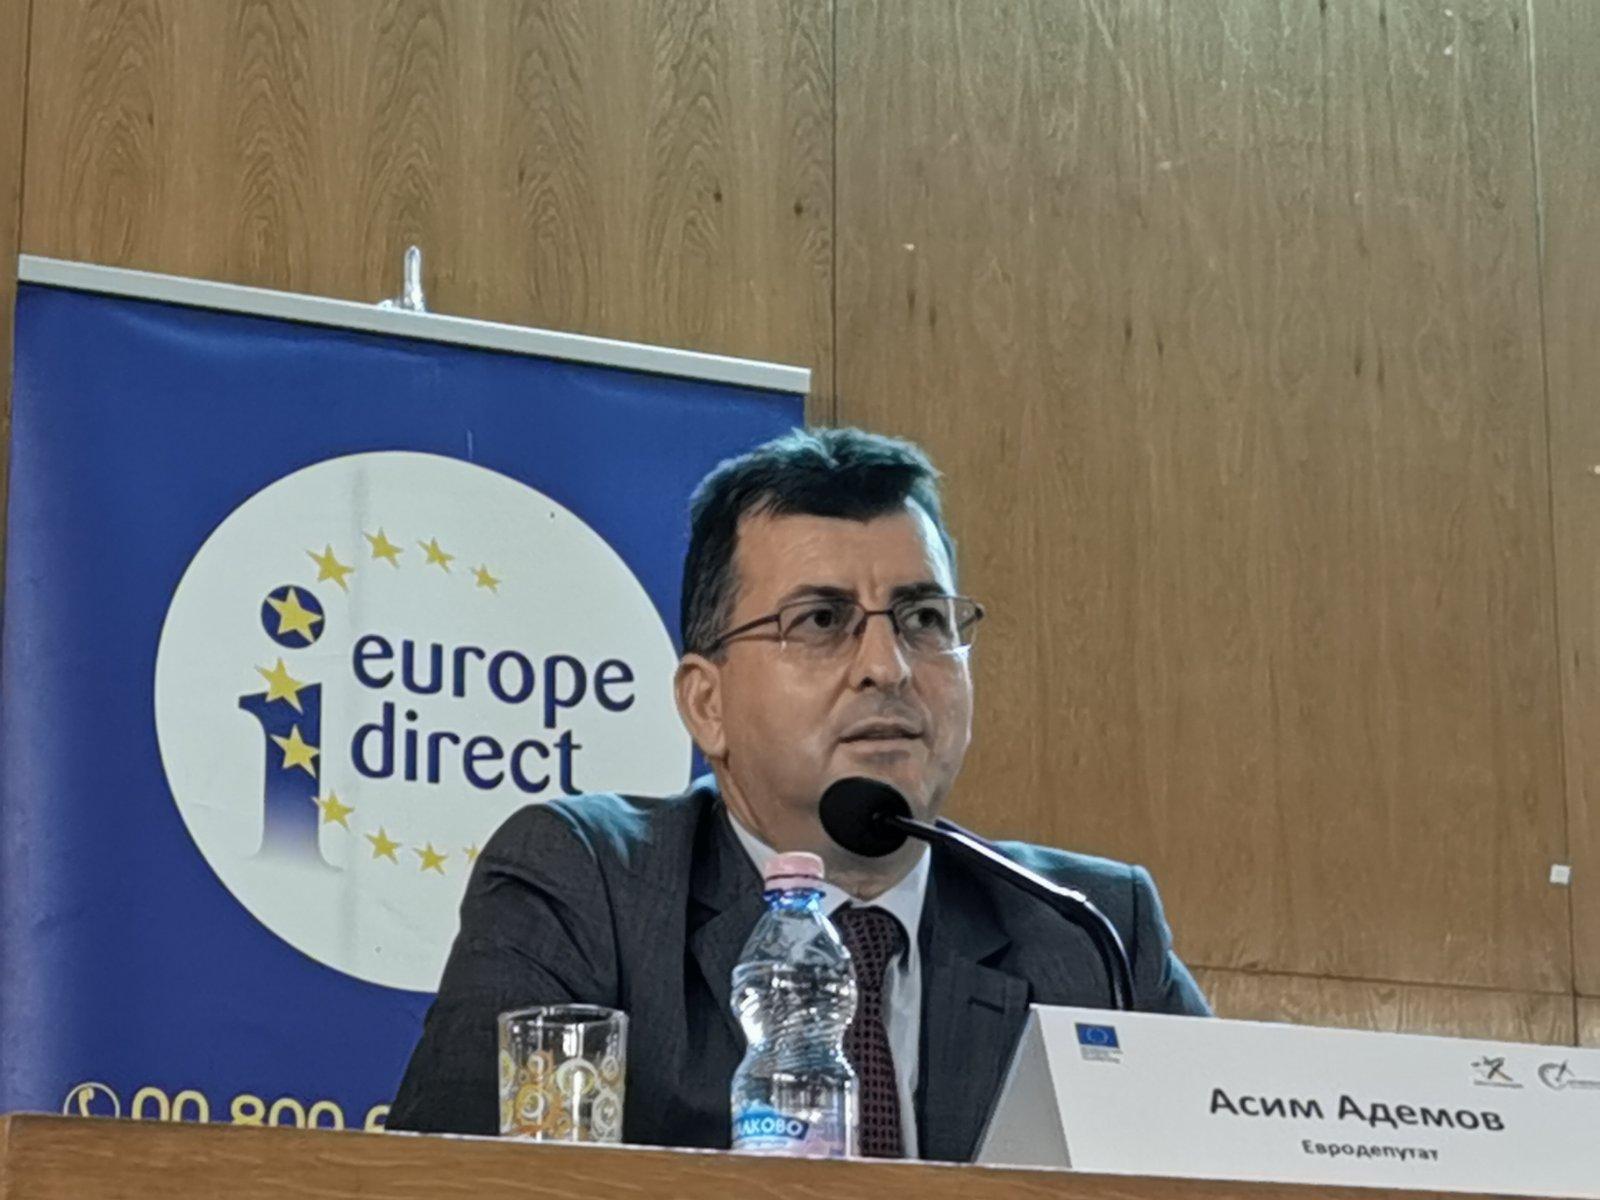 Евродепутатът от ГЕРБ/ЕНП Асим Адемов: Земеделието ще става все по-екологично